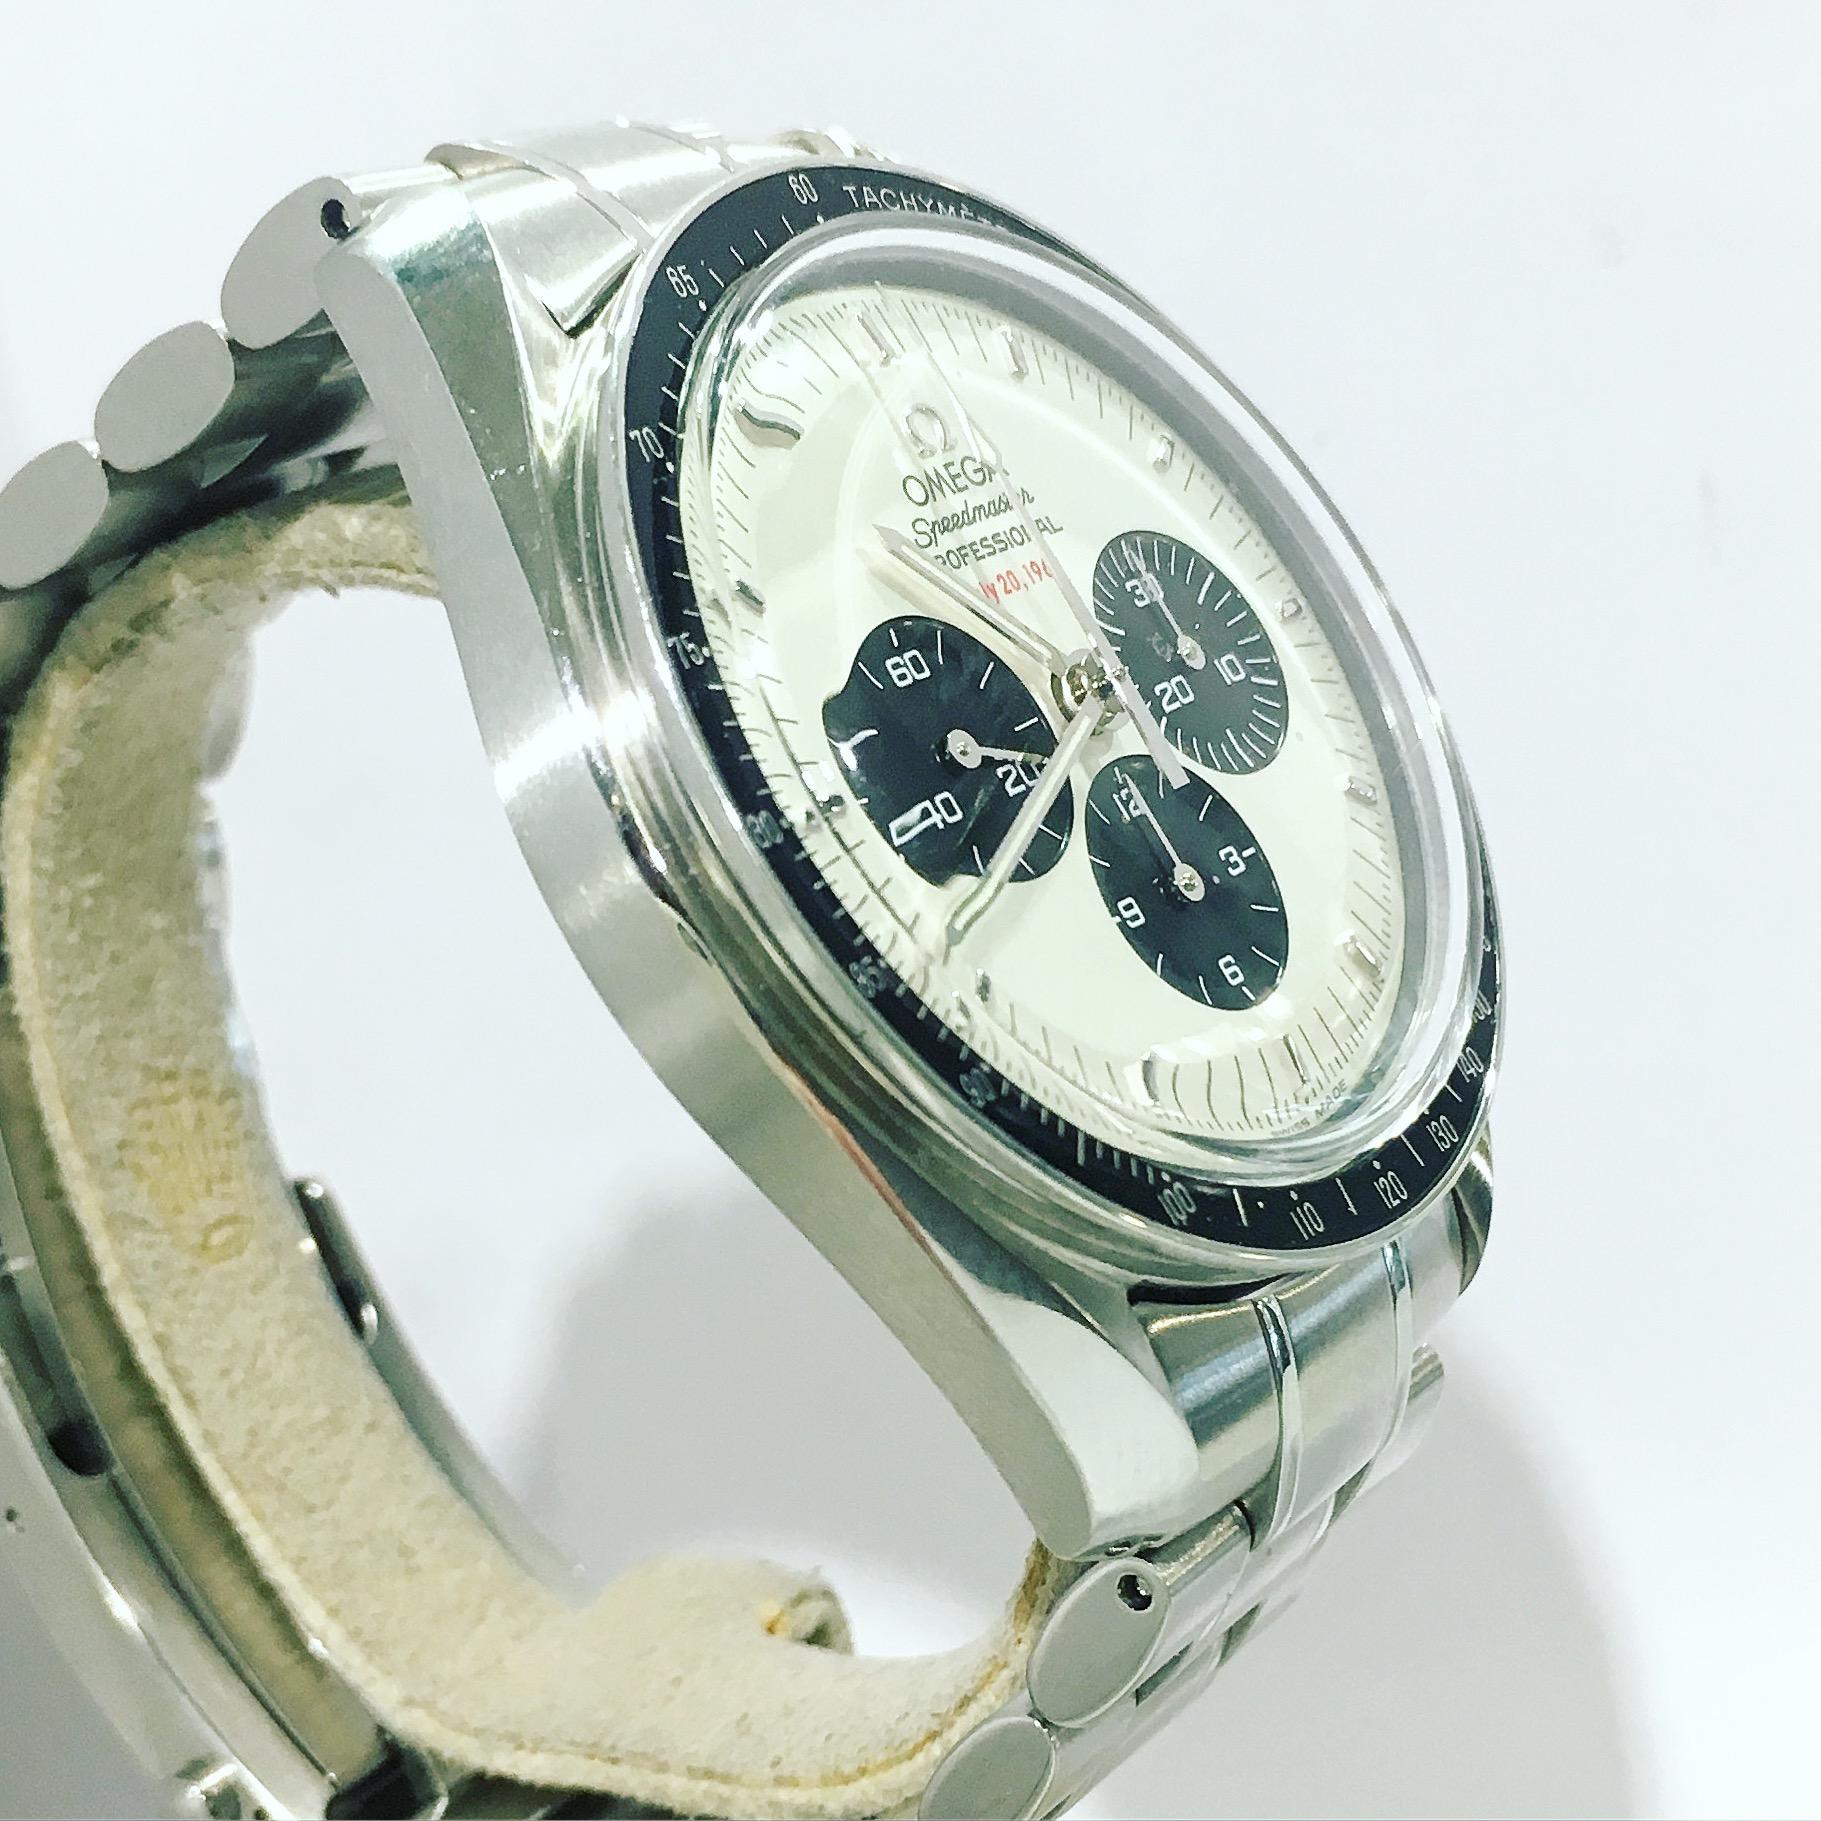 Montre occasion Omega Speedmaster Professional Apollo 11 35th anniversaire.